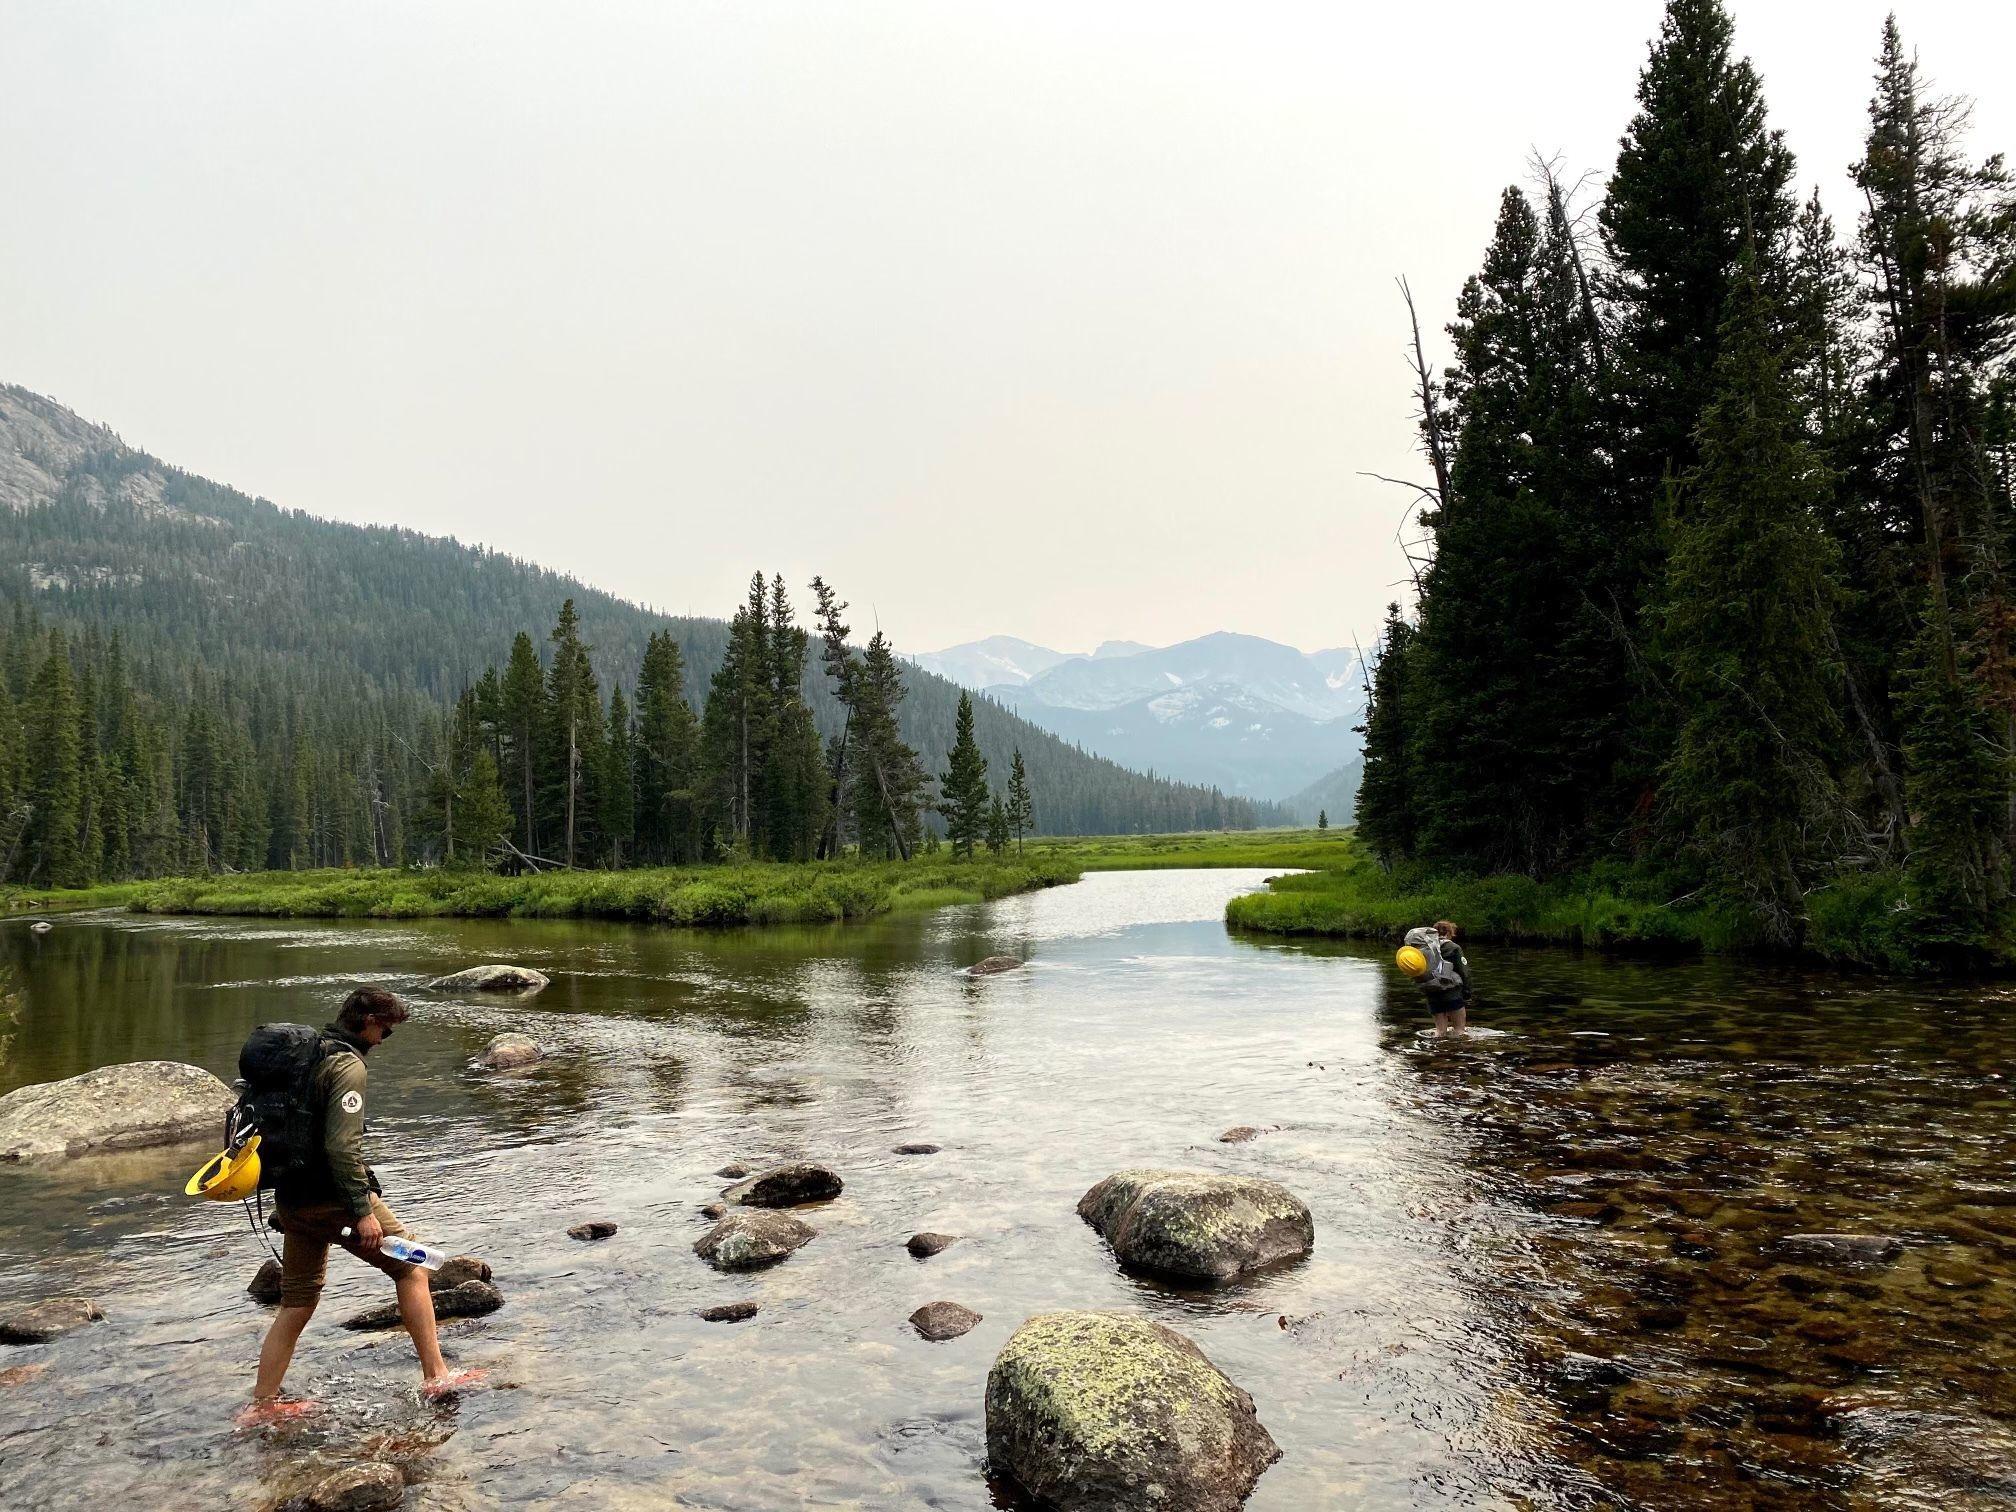 A man crosses a river